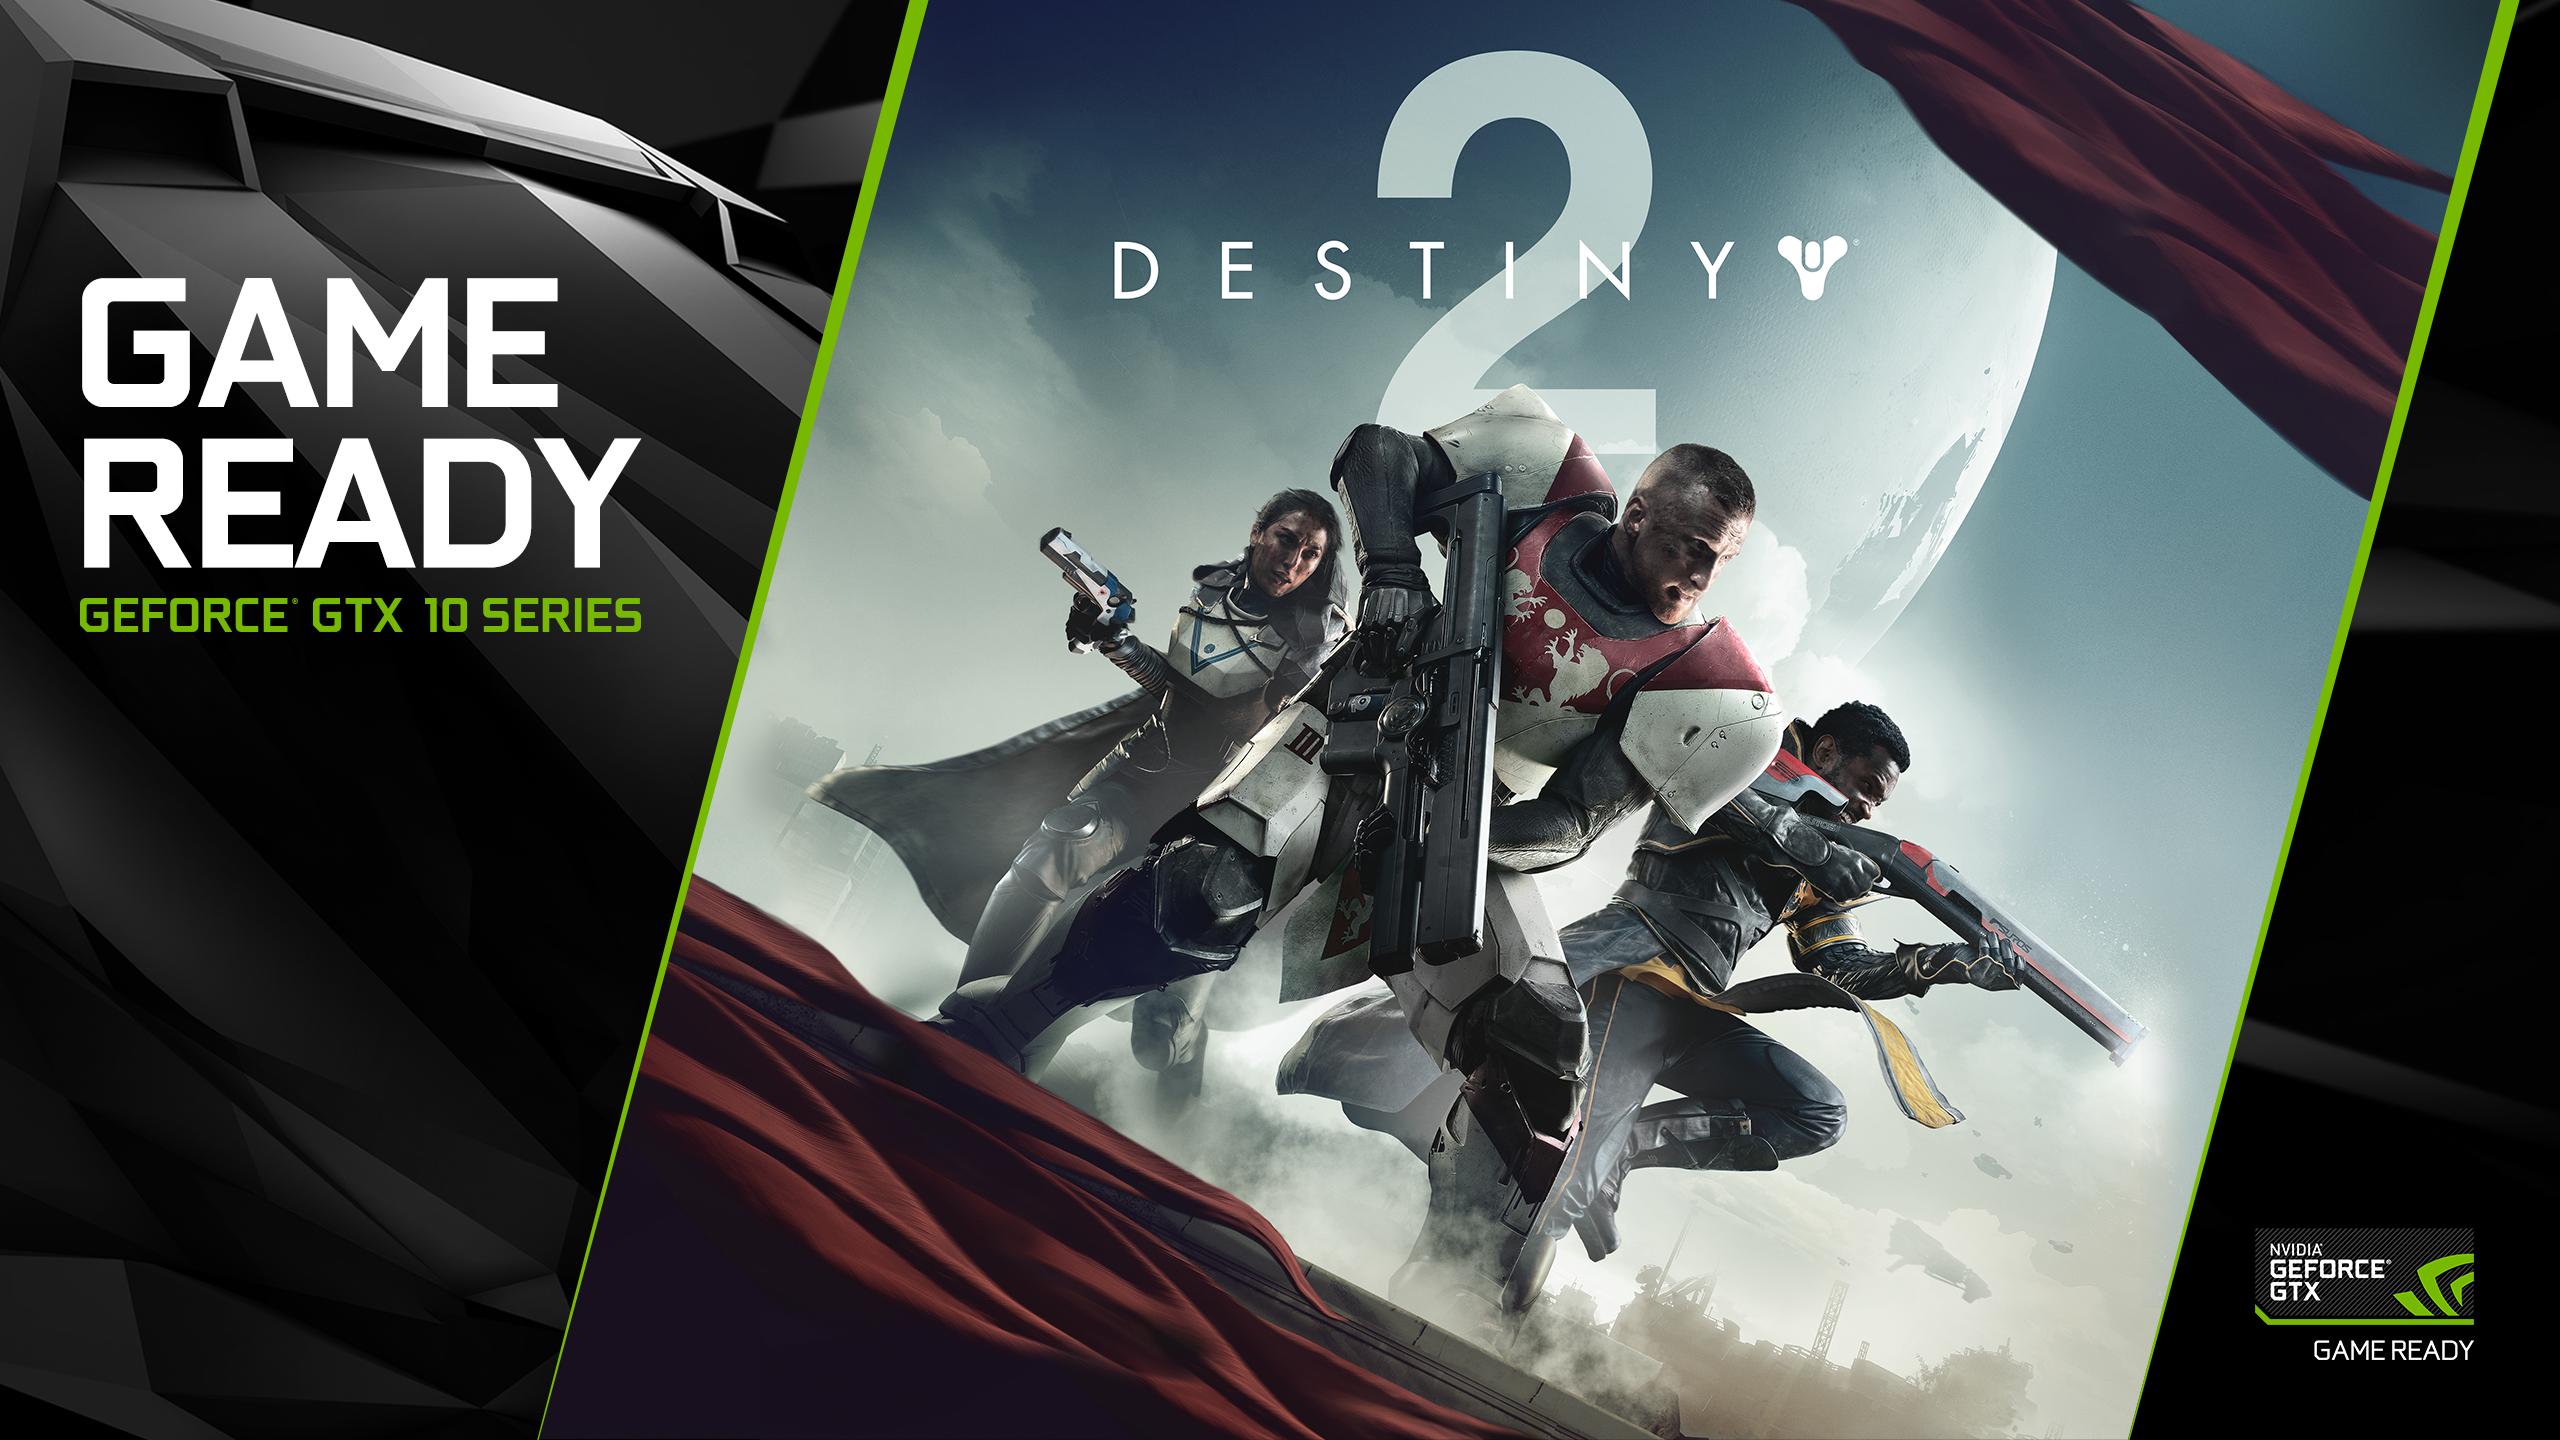 destiny-2-pc-announcement-key-visual